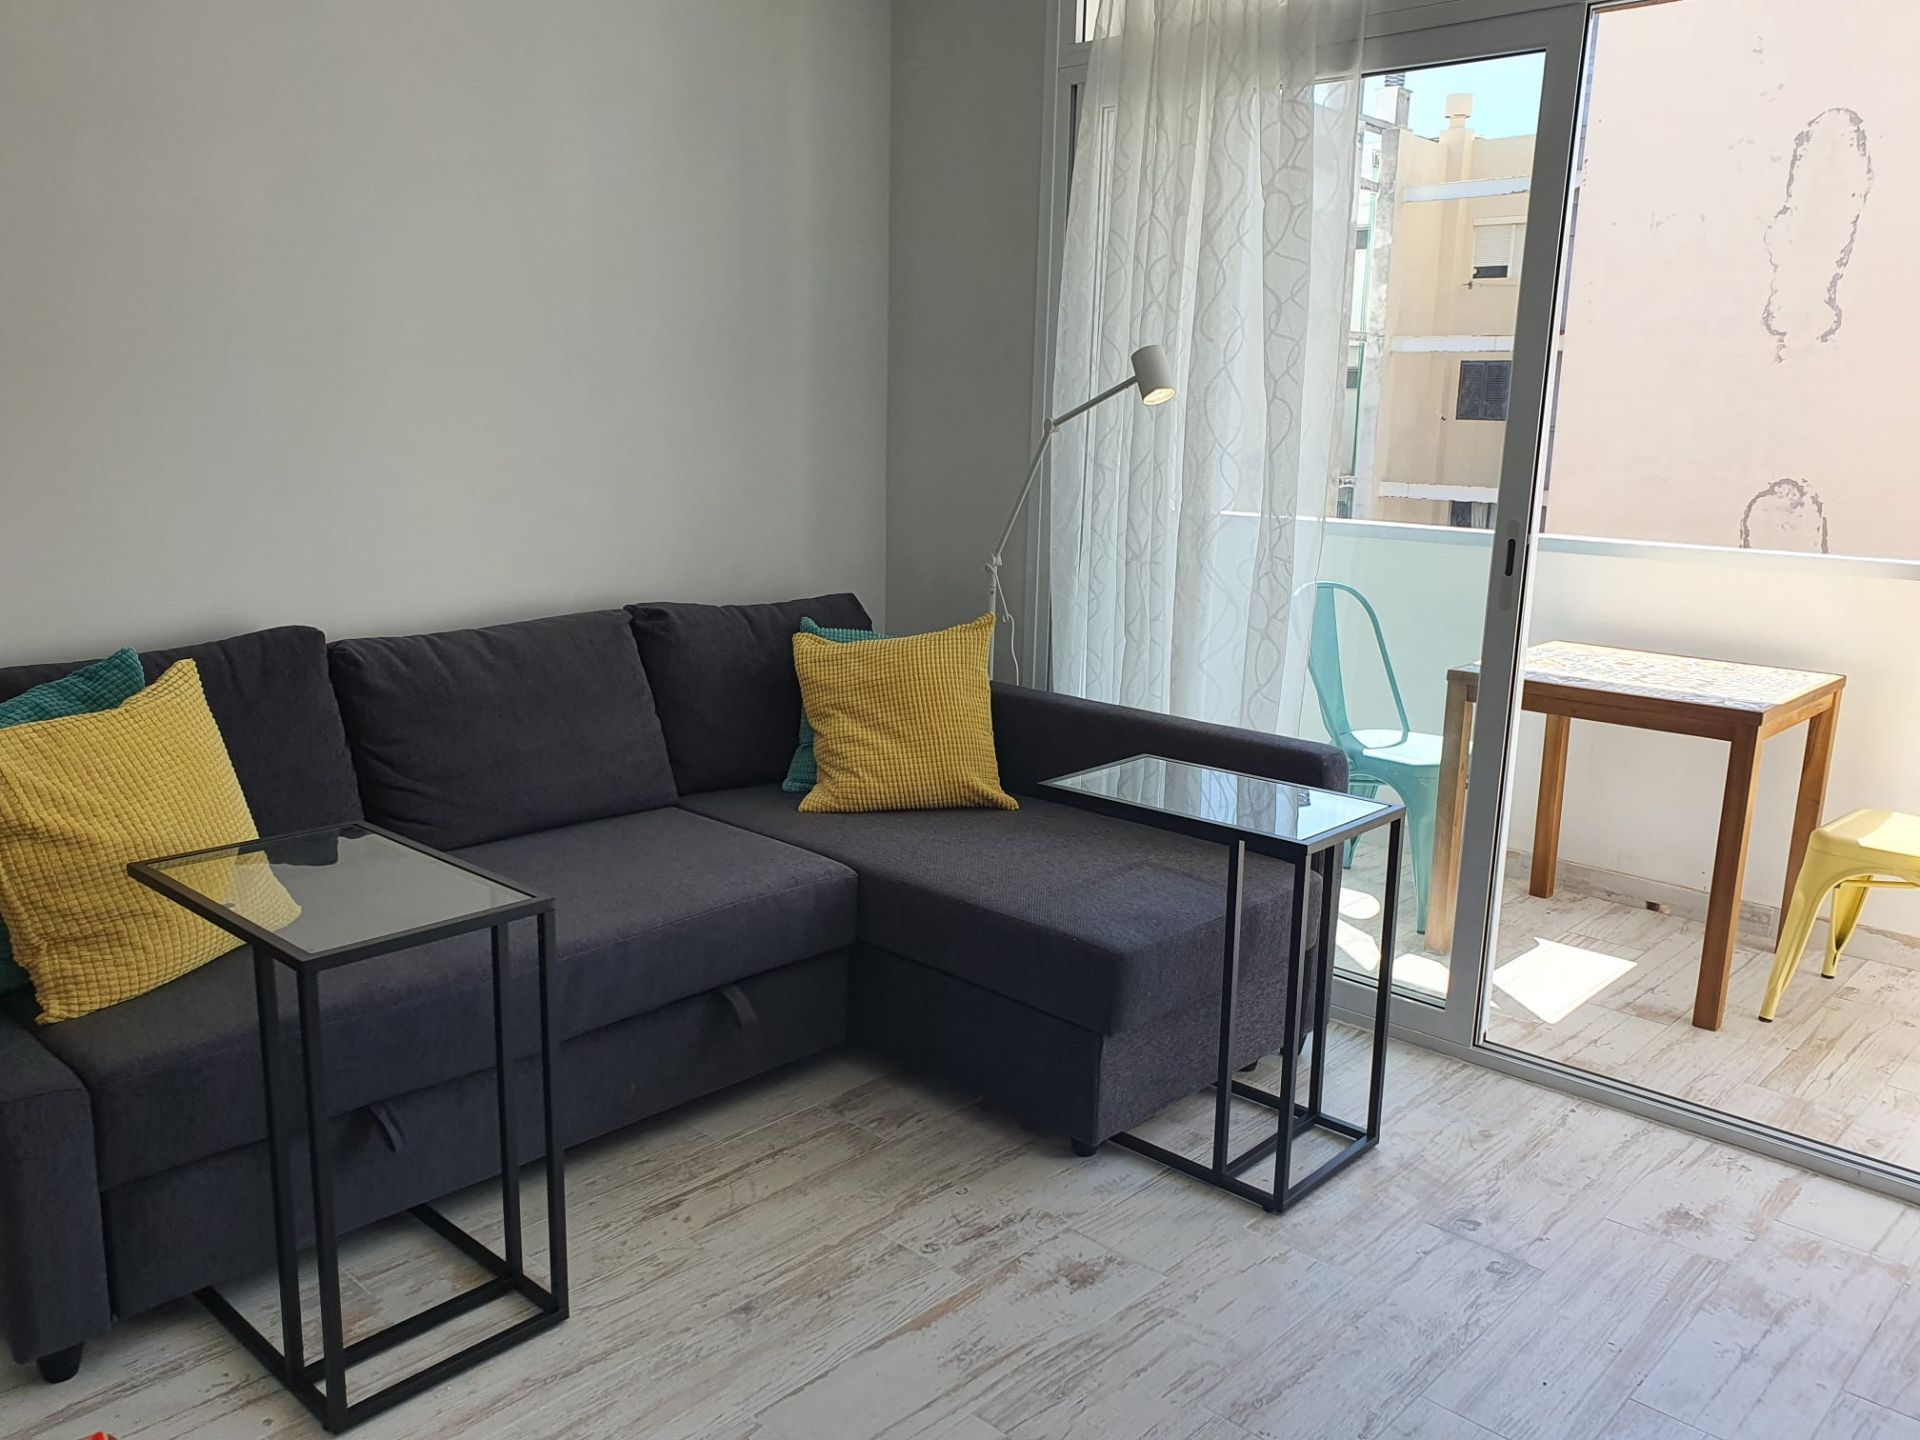 Estudio en Las Palmas de Gran Canaria, Zona Canteras Plaza Farray, alquiler